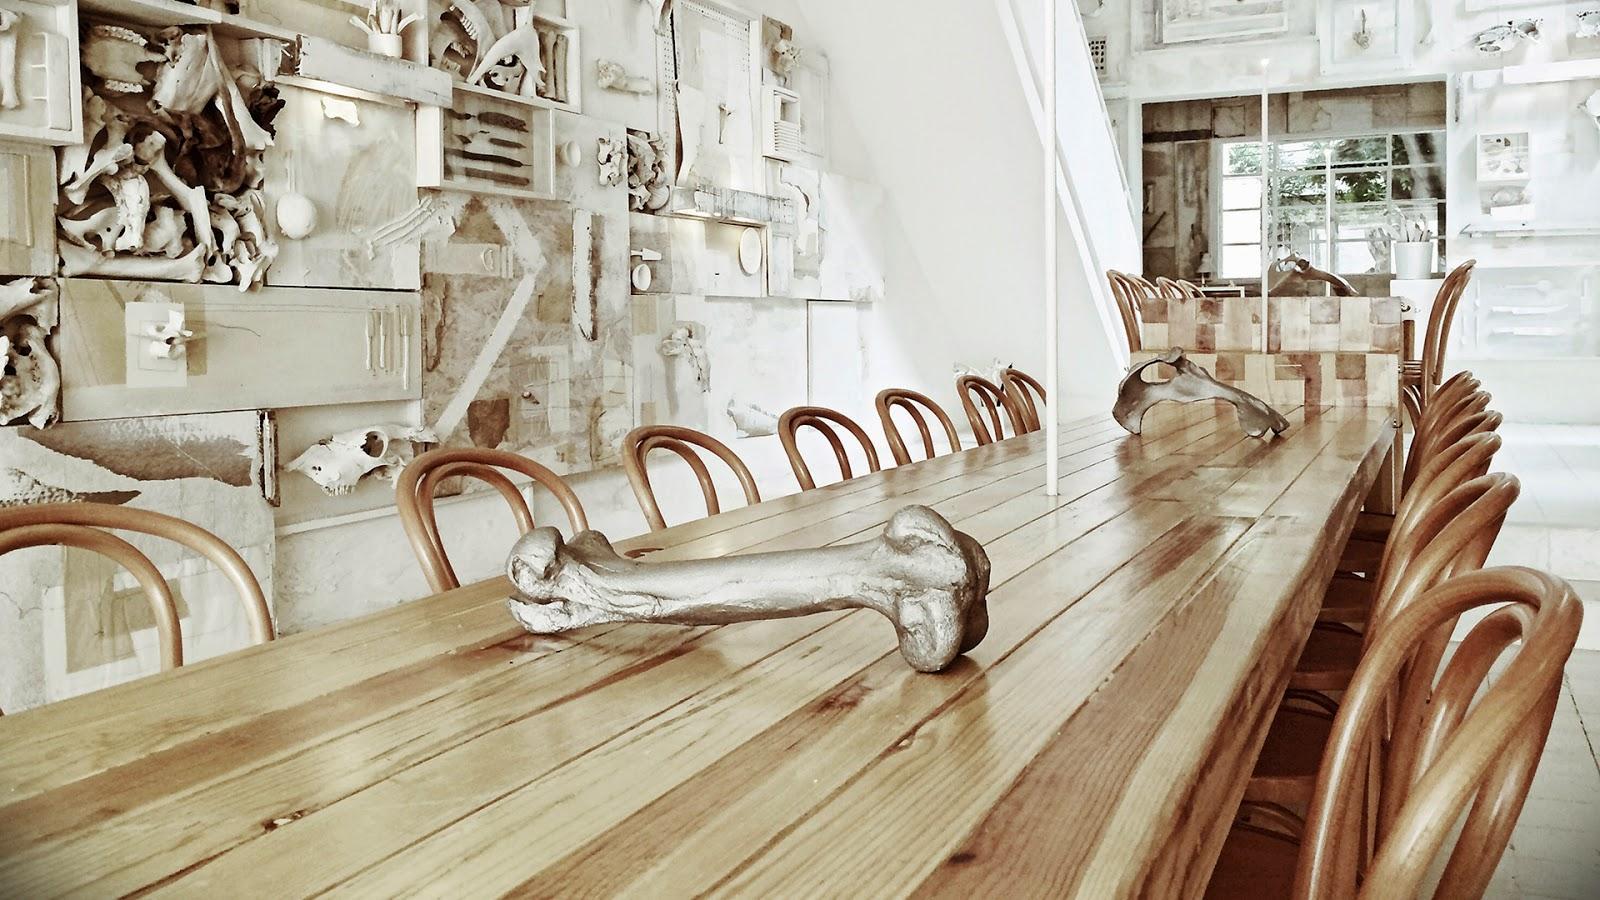 gaya-interior-dan-dekorasi-unik-ribuan-tulang-hewan-di-rumah-makan-Hueso-016